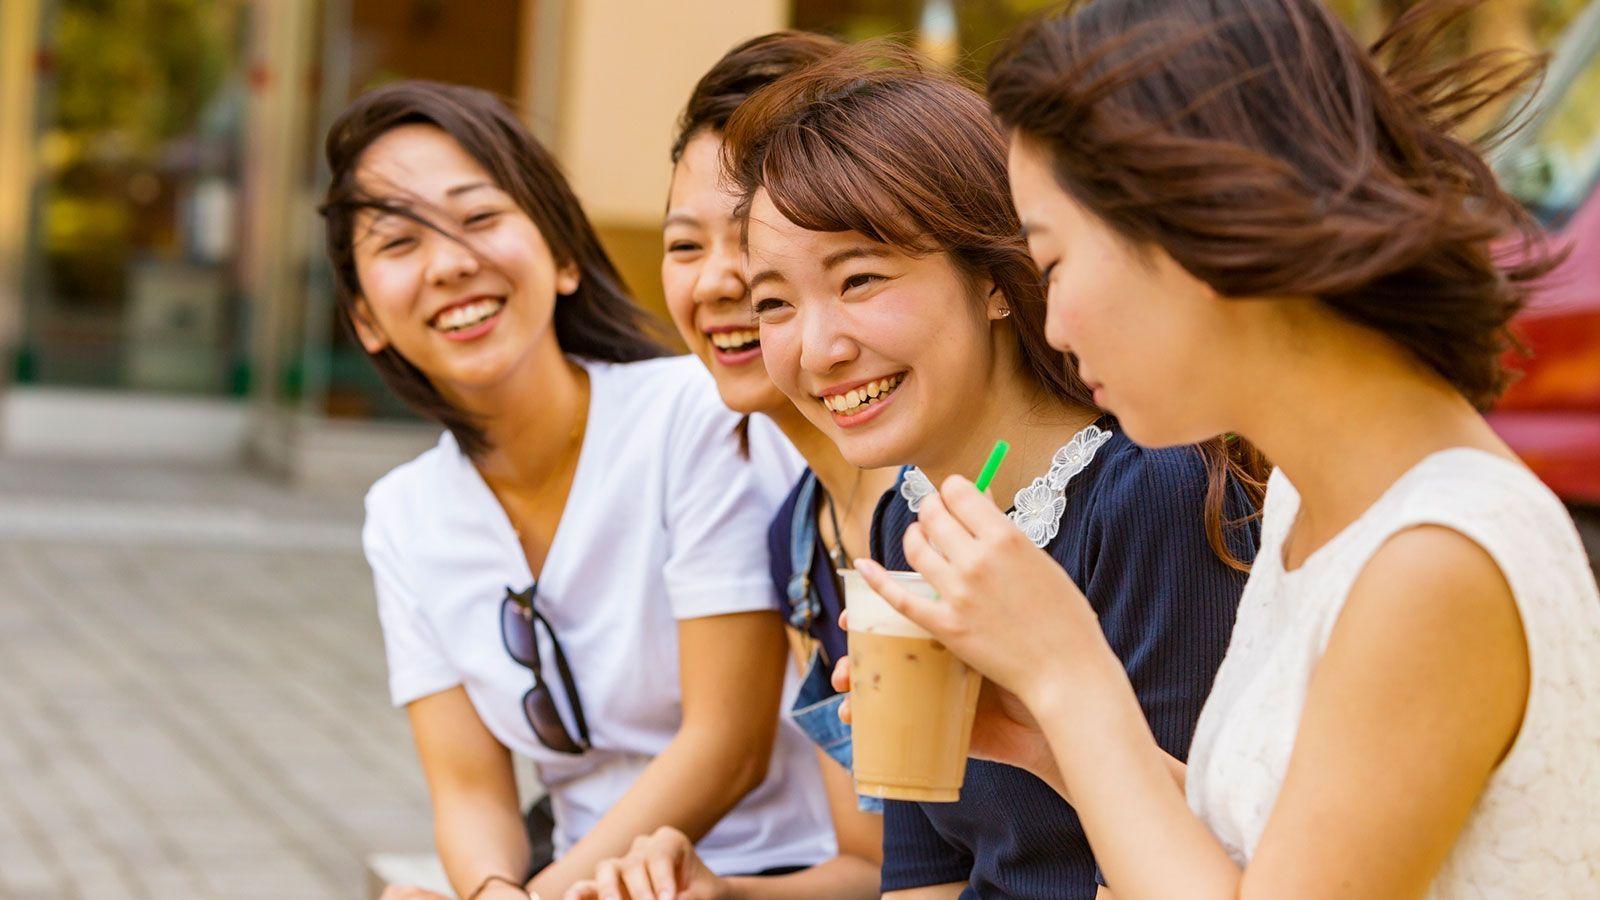 真奶茶!日本女孩潮流《用欧派捧珍珠奶茶》吸的同时还可以感受到奶香!